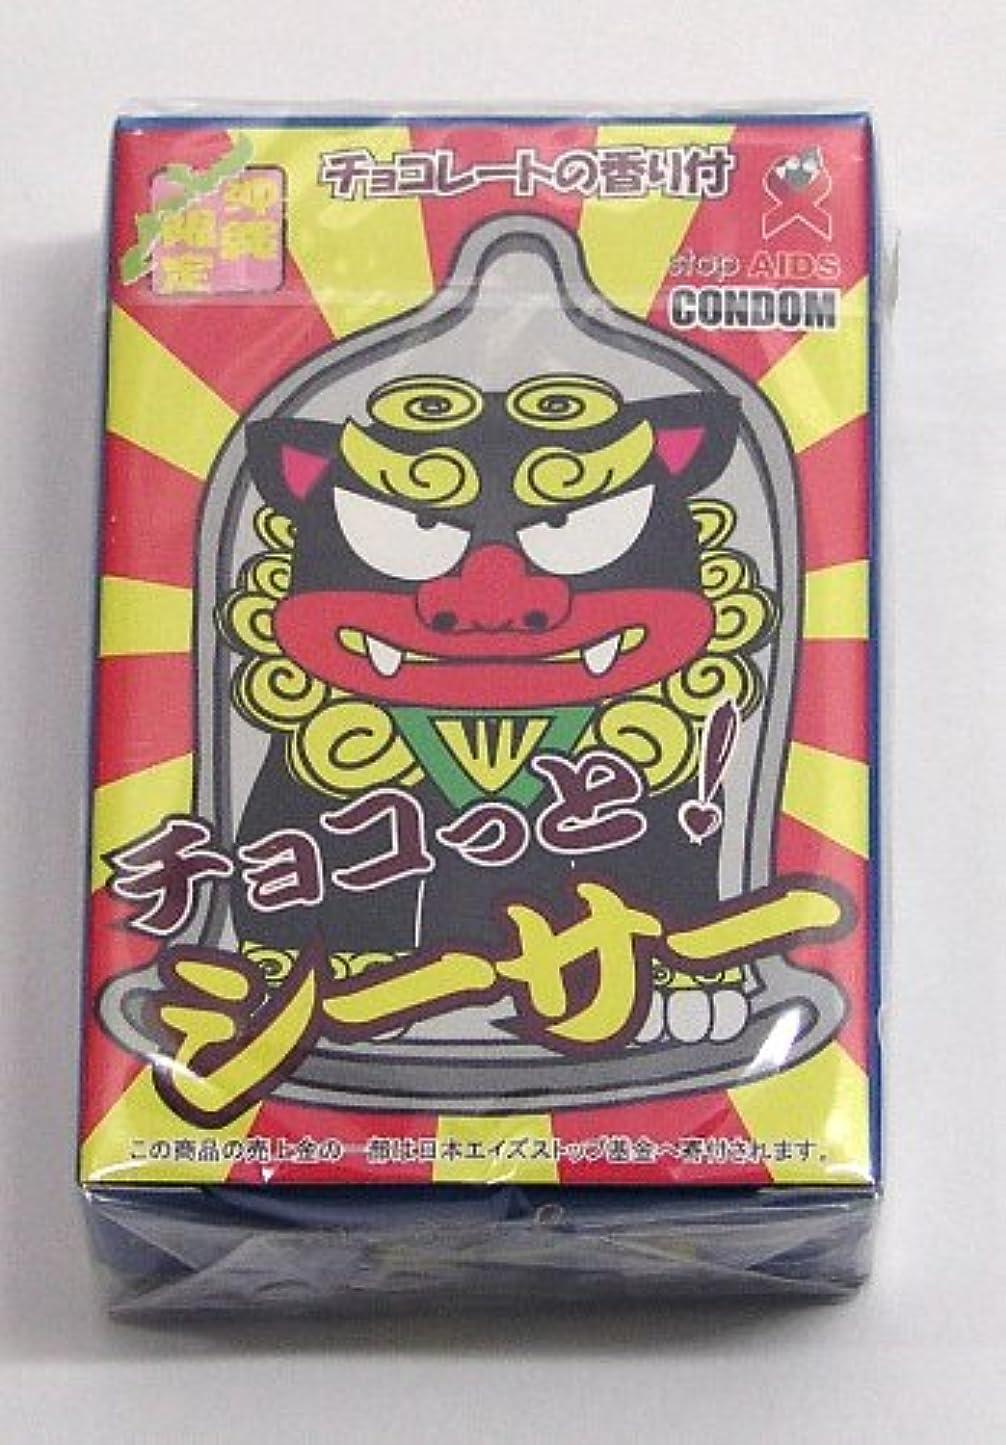 放射性和憂慮すべき沖縄限定コンドーム チョコっとシーサー